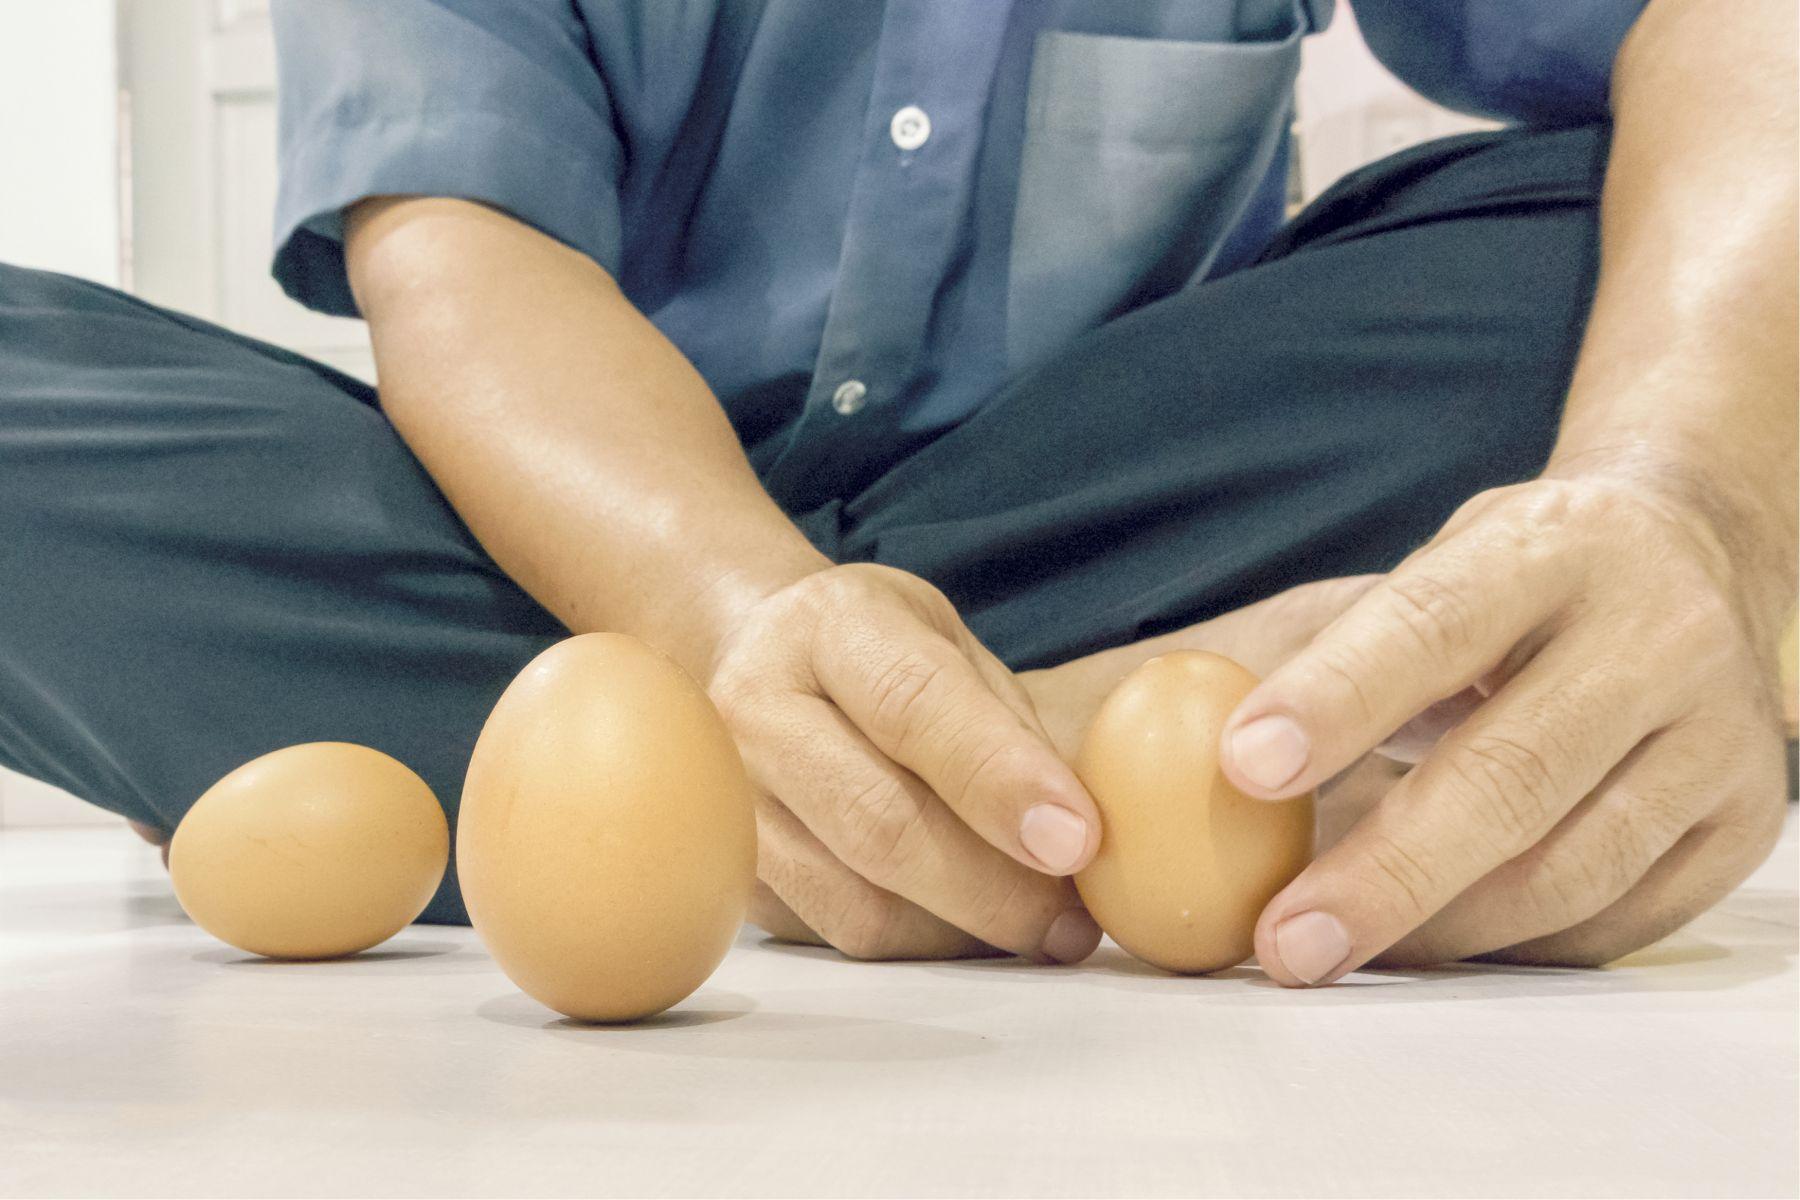 88歲老翁日吃25顆蛋,竟沒膽固醇過高!一天到底能吃幾顆蛋?